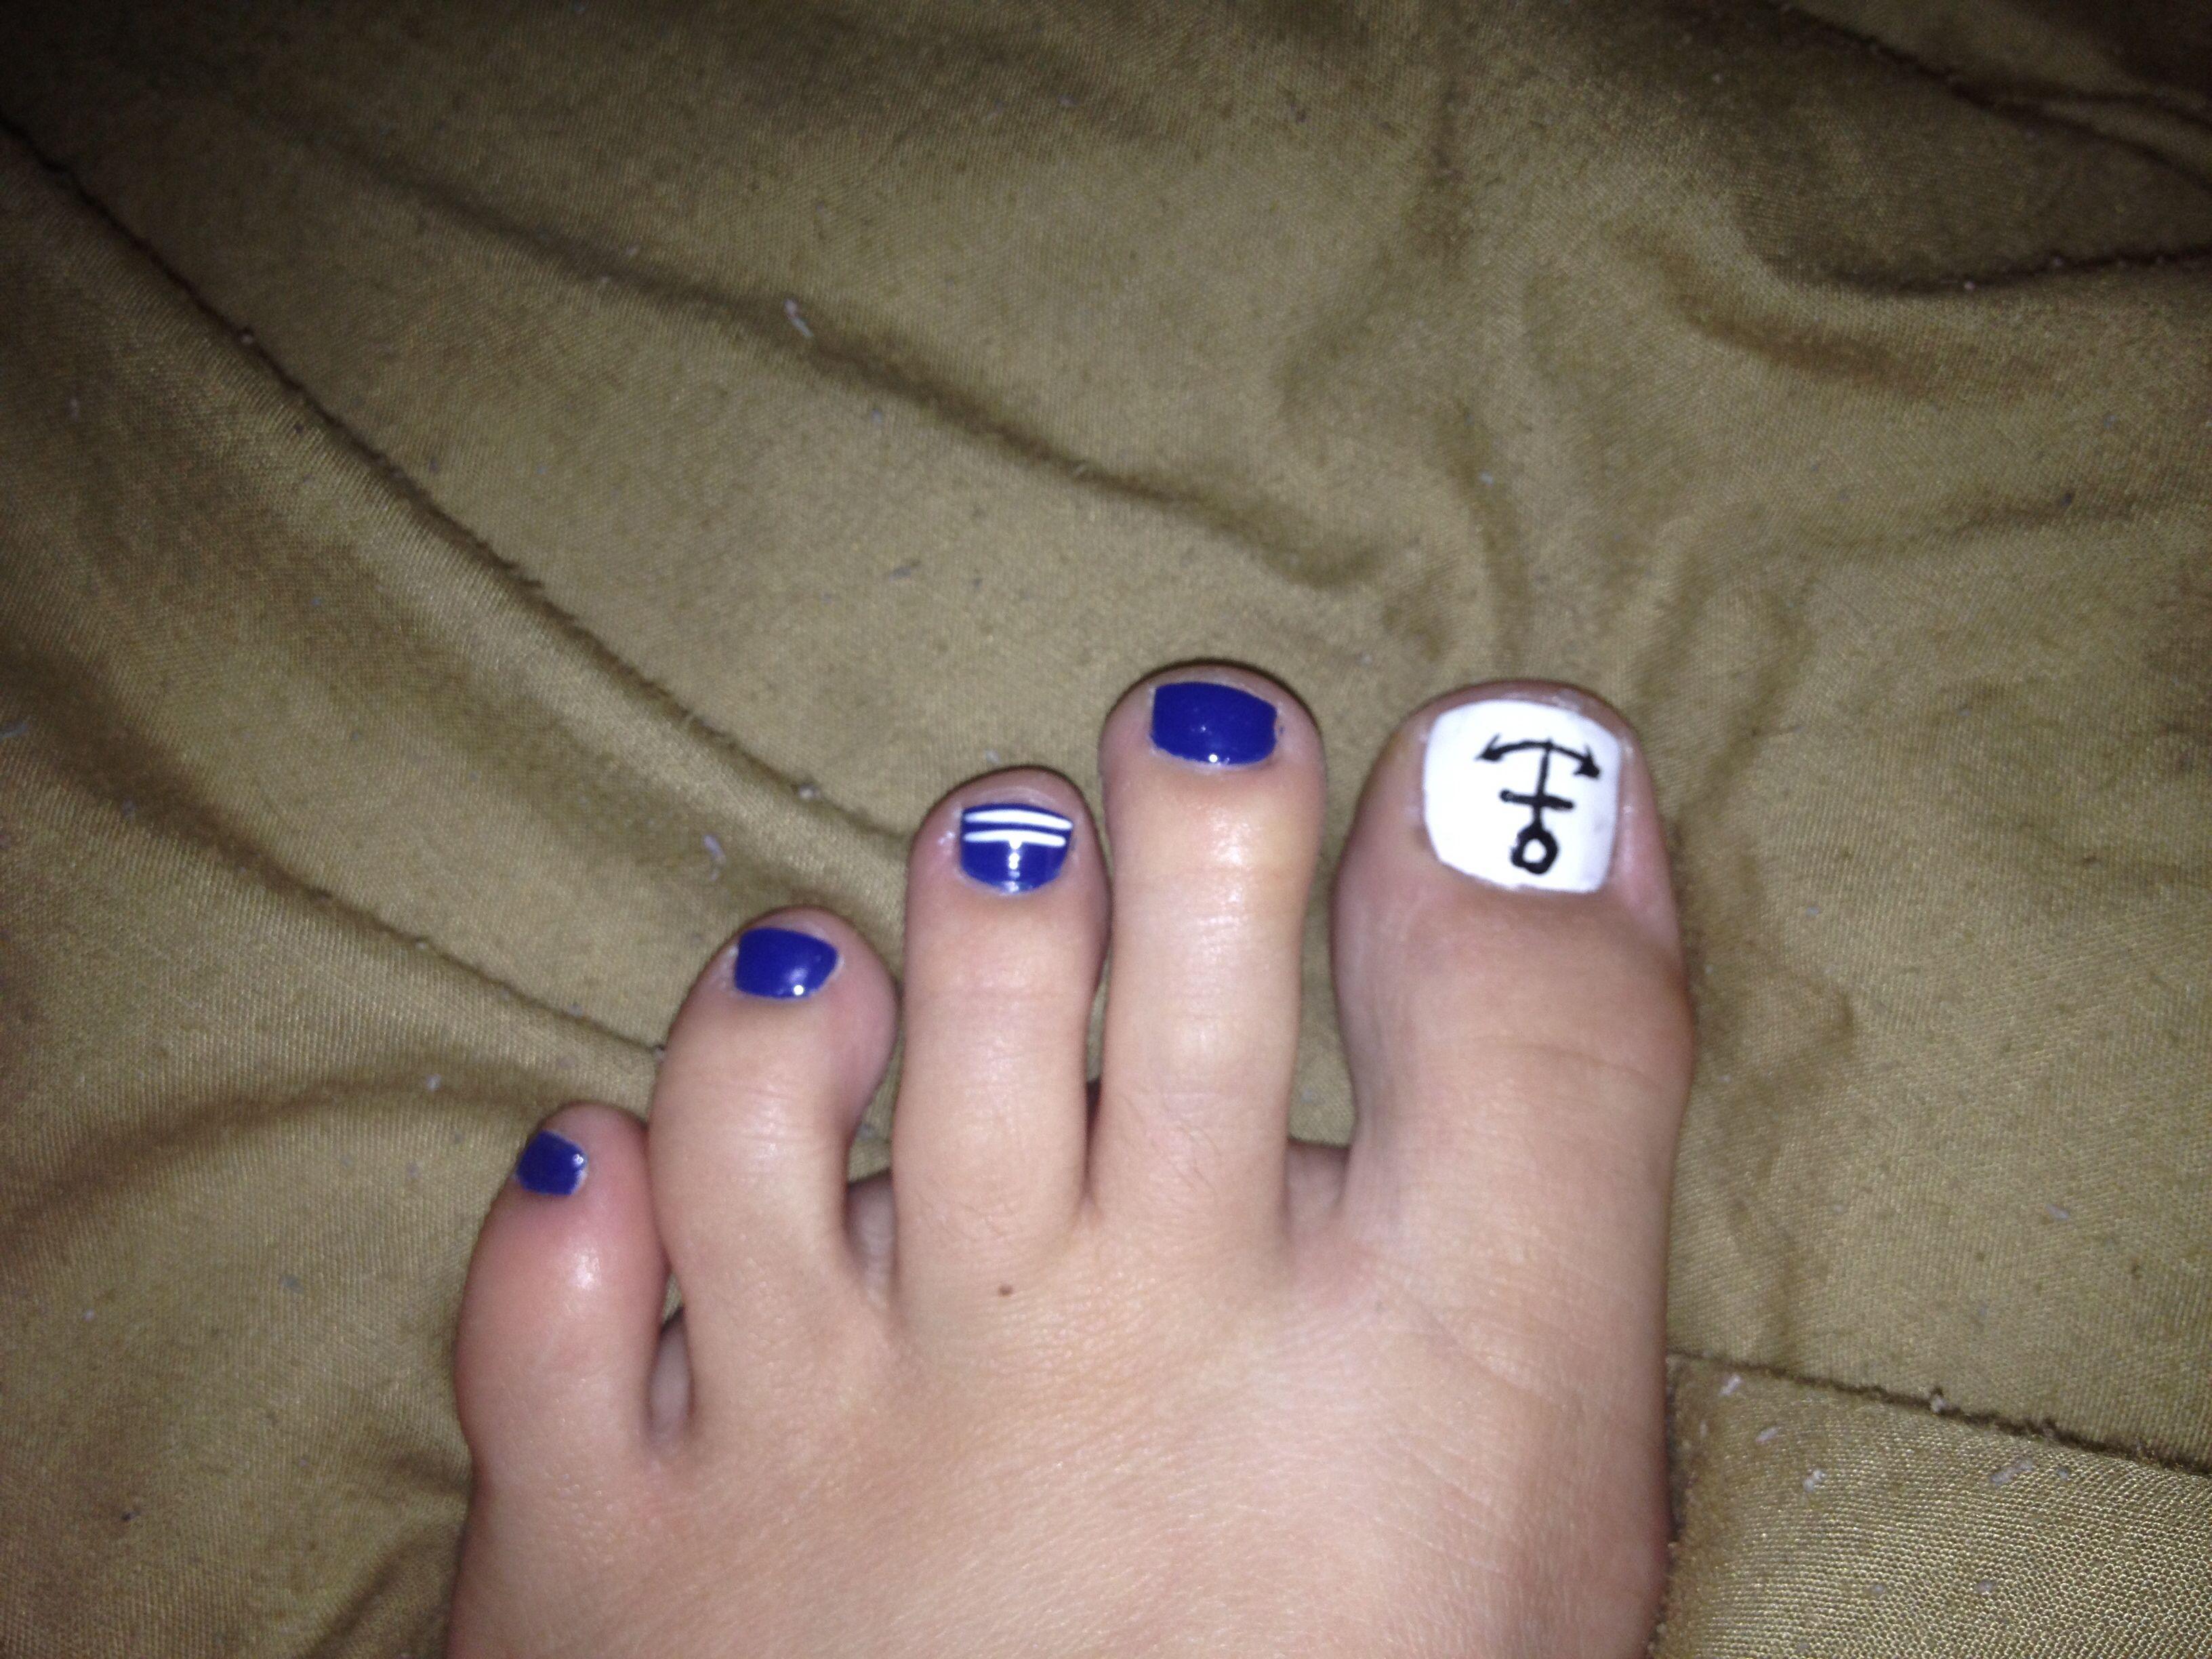 Nail Designs Nail Art Pedicure Nautical Nautical Toes Nails